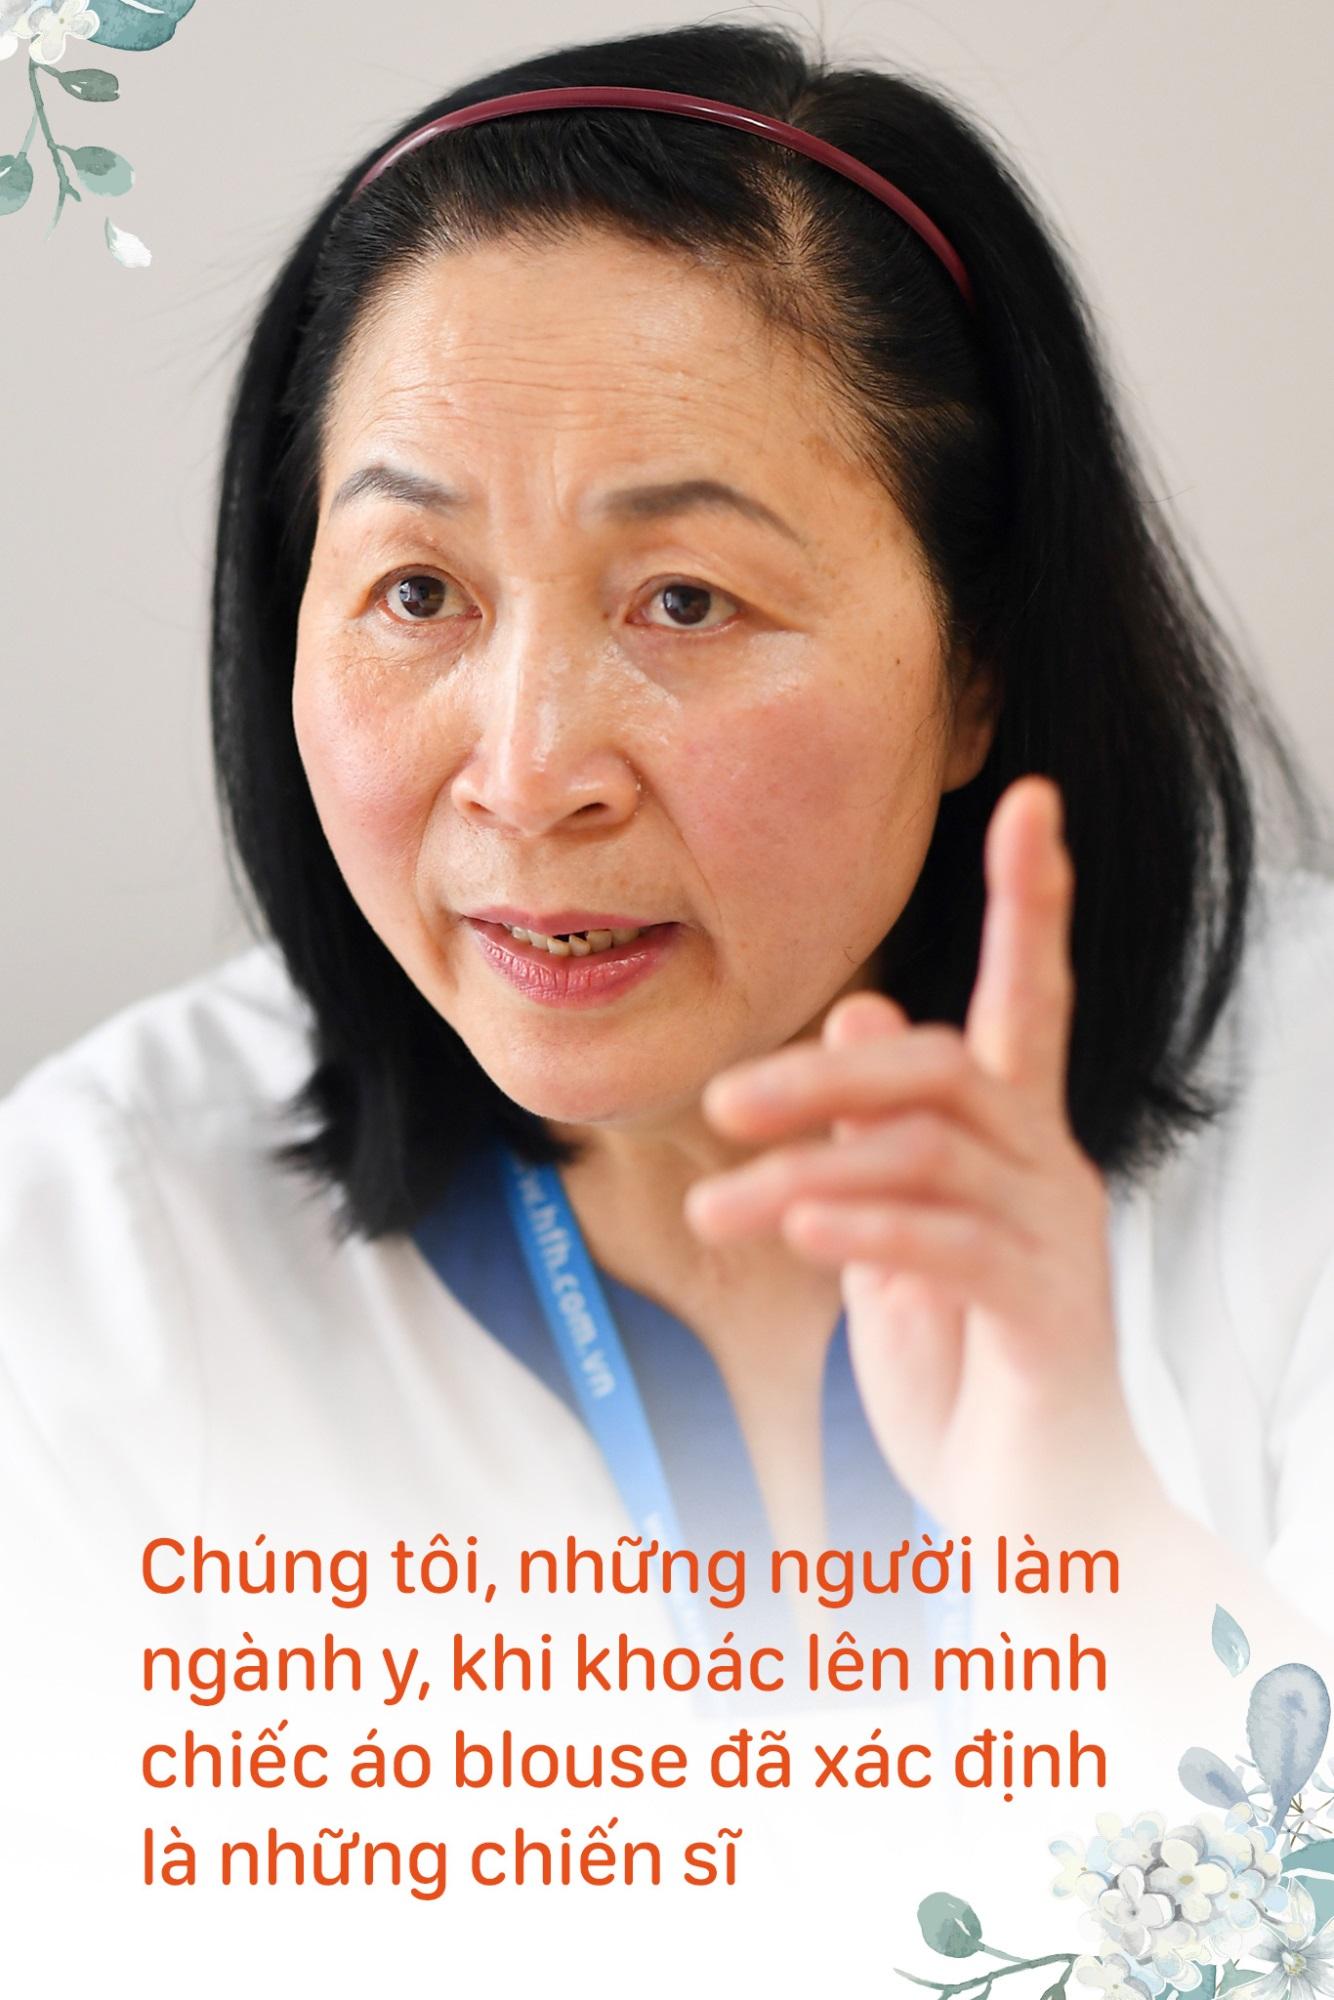 Nữ y tá Việt Nam sống sót kỳ diệu và hành trình chạm mặt tử thần corona chủng cũ - Ảnh 20